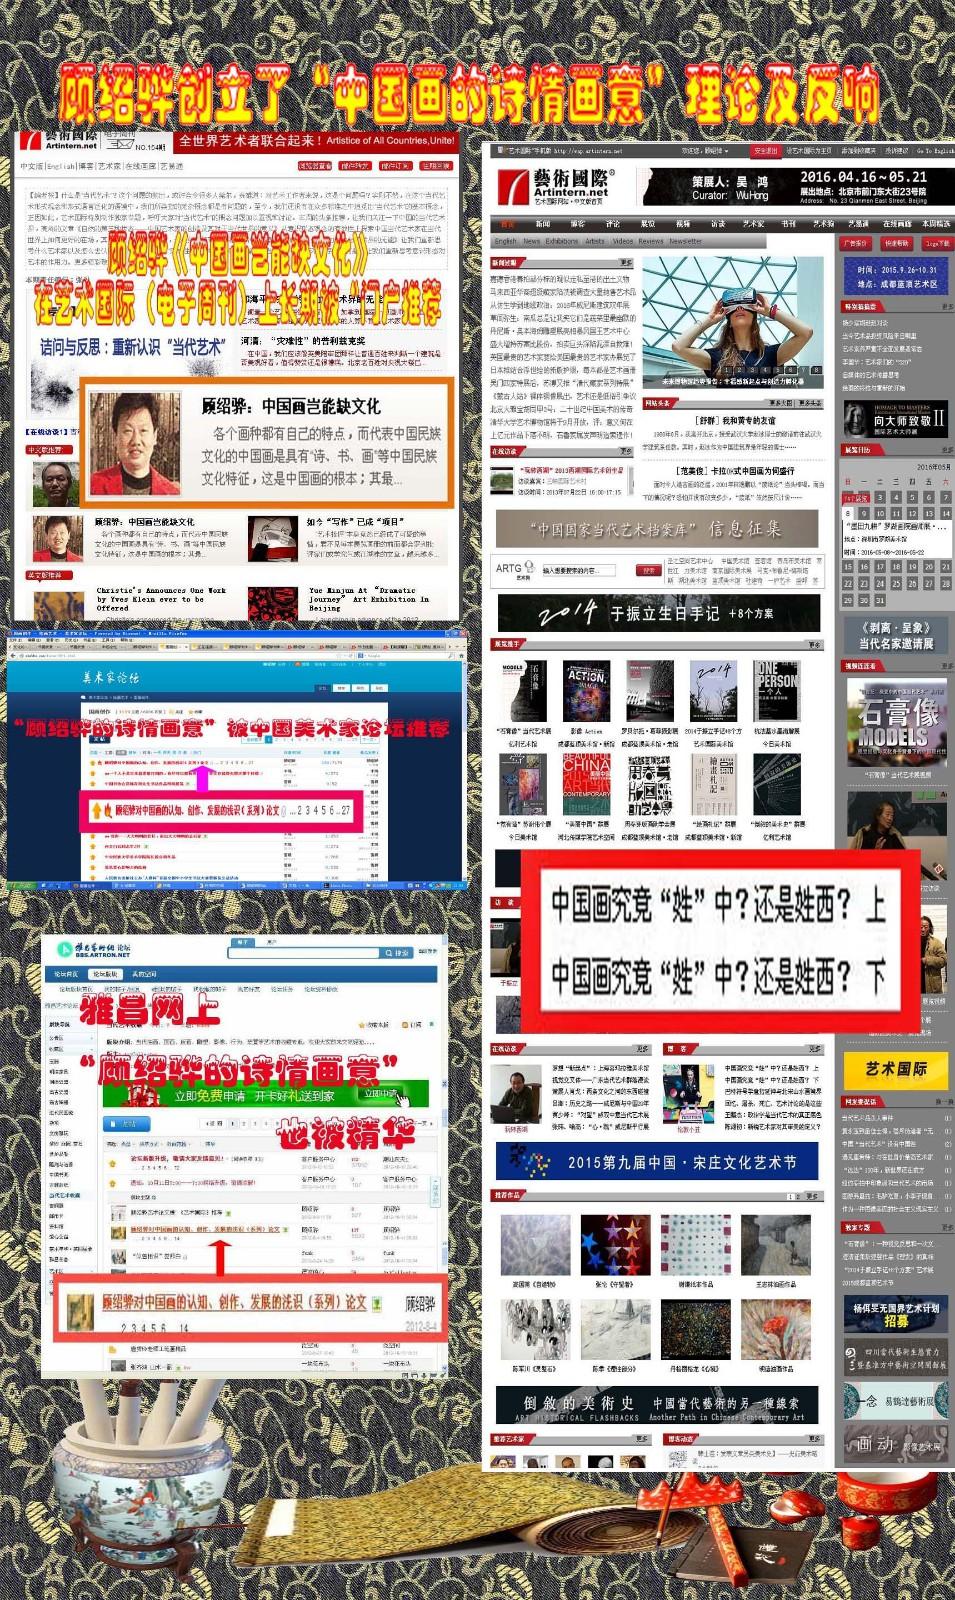 顾绍骅在中国画方面作出的一点贡献_图1-16